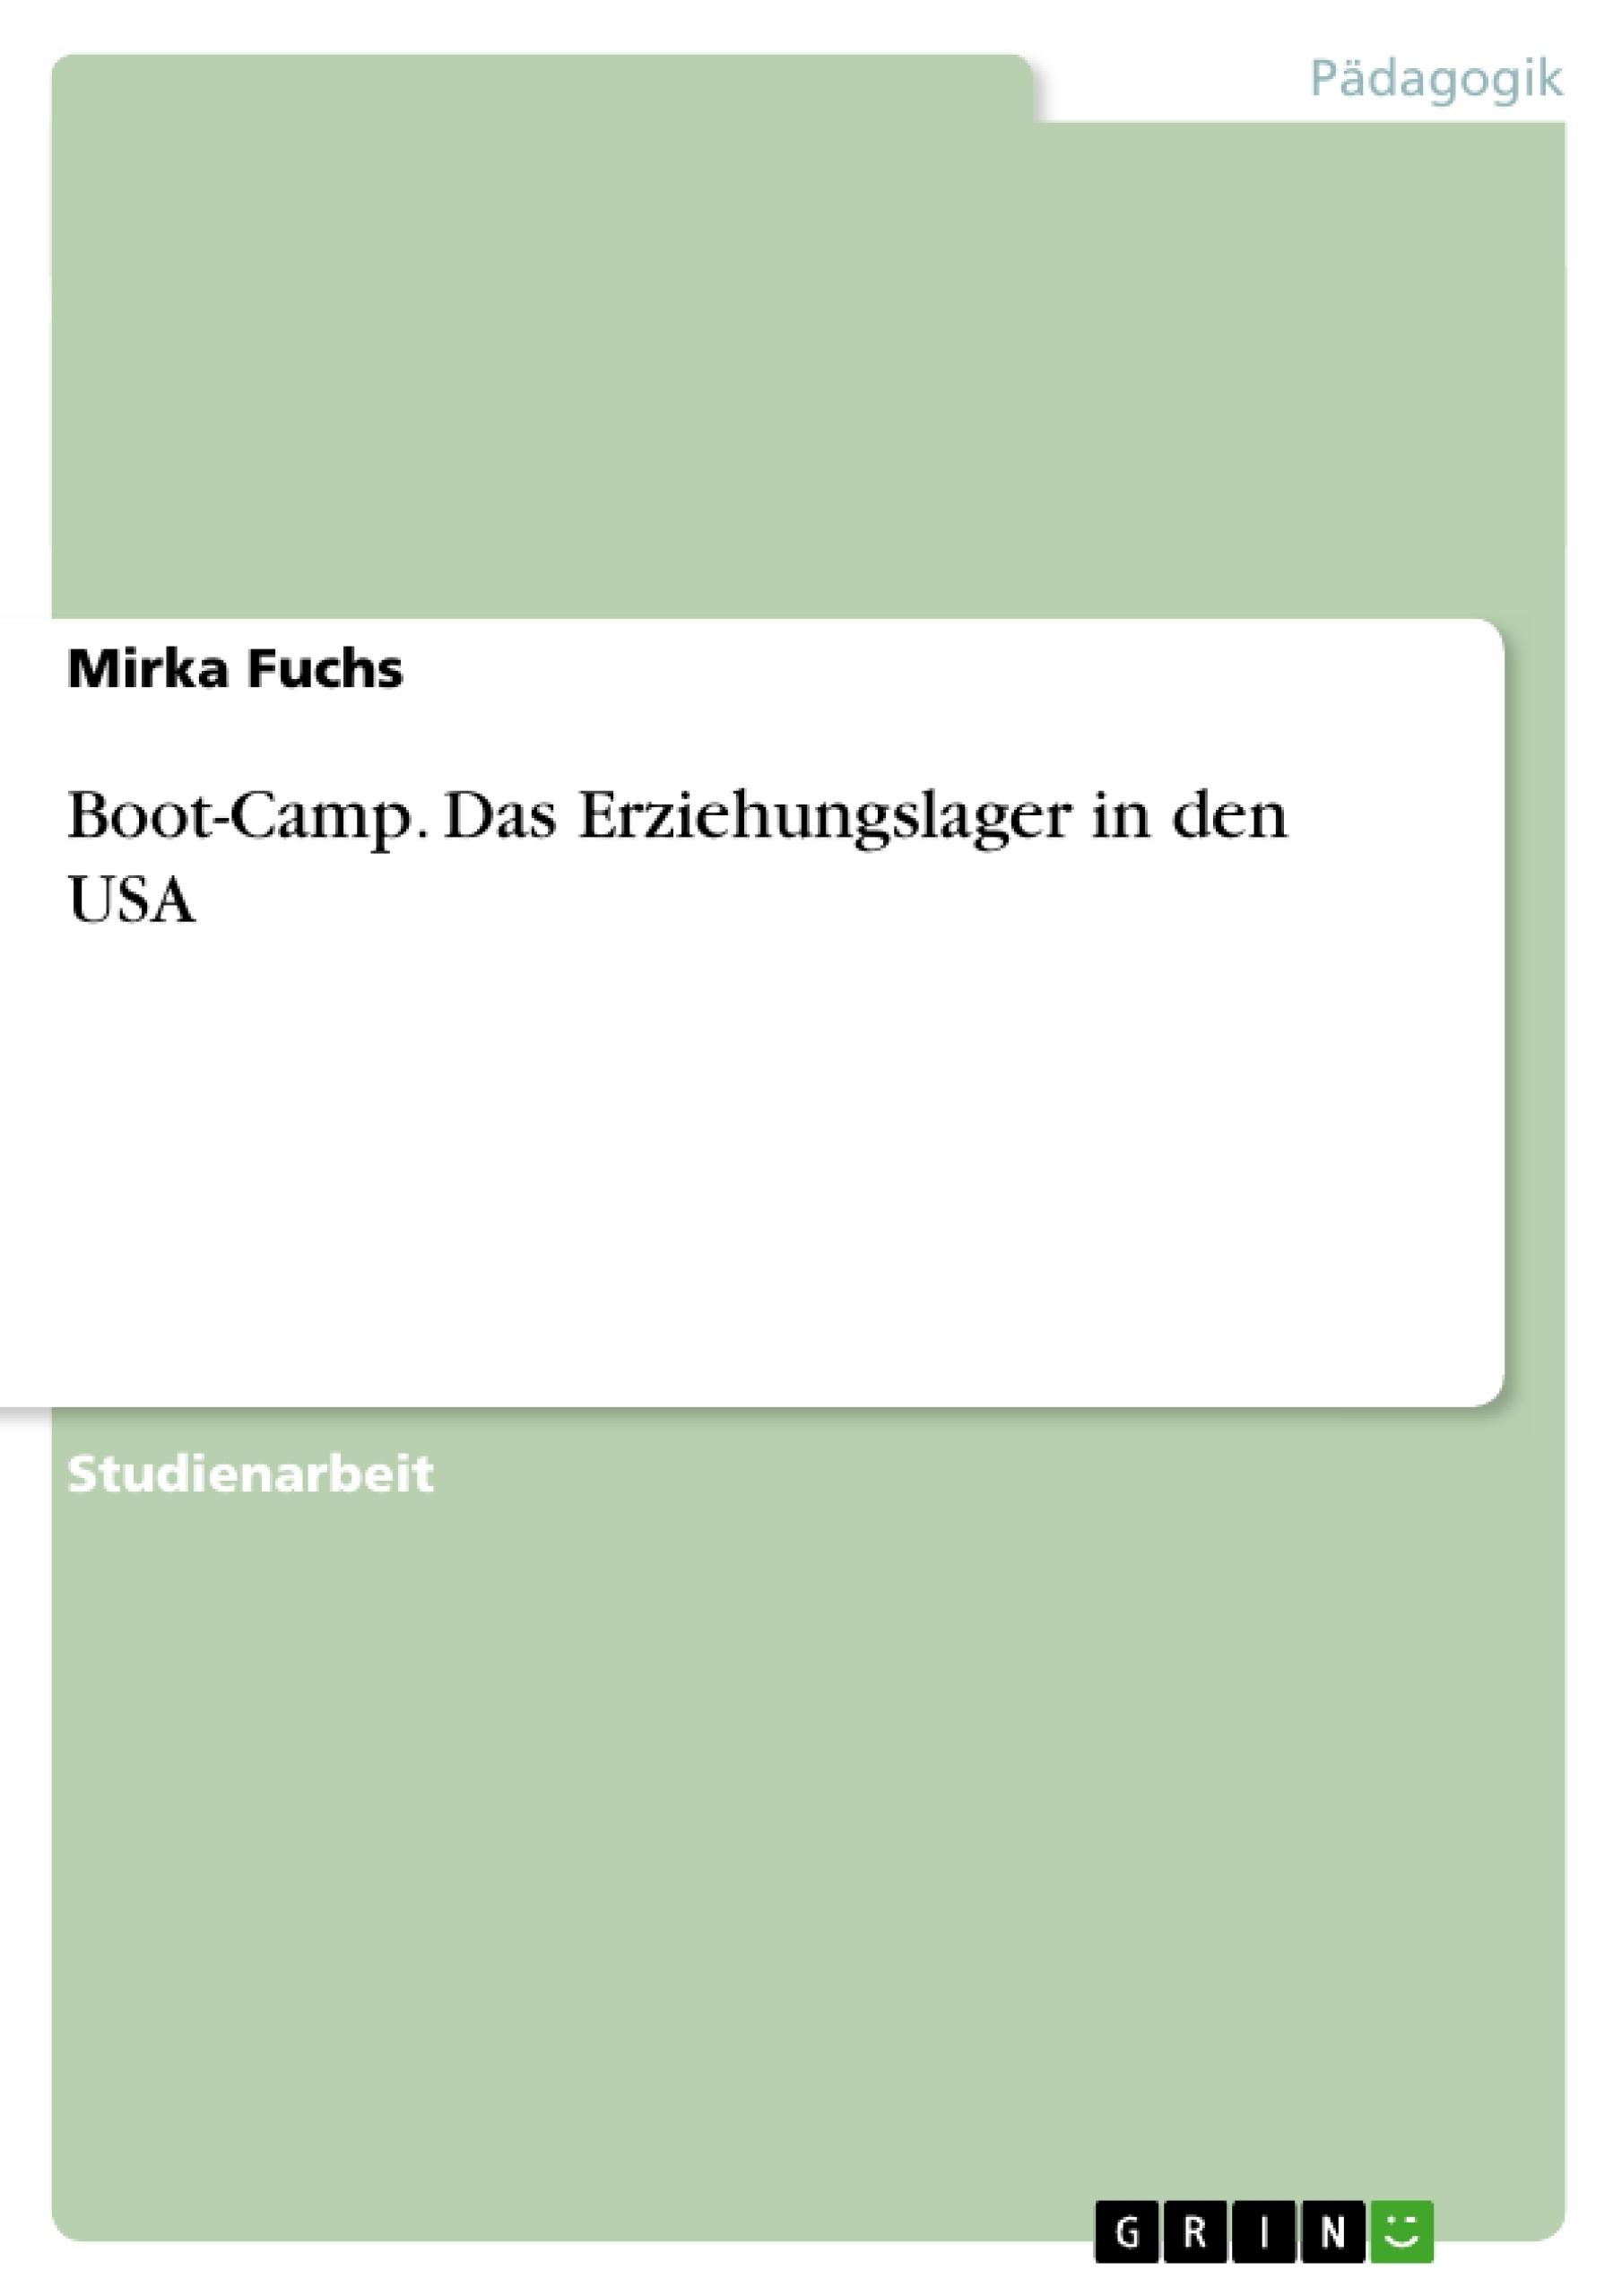 Titel: Boot-Camp. Das Erziehungslager in den USA